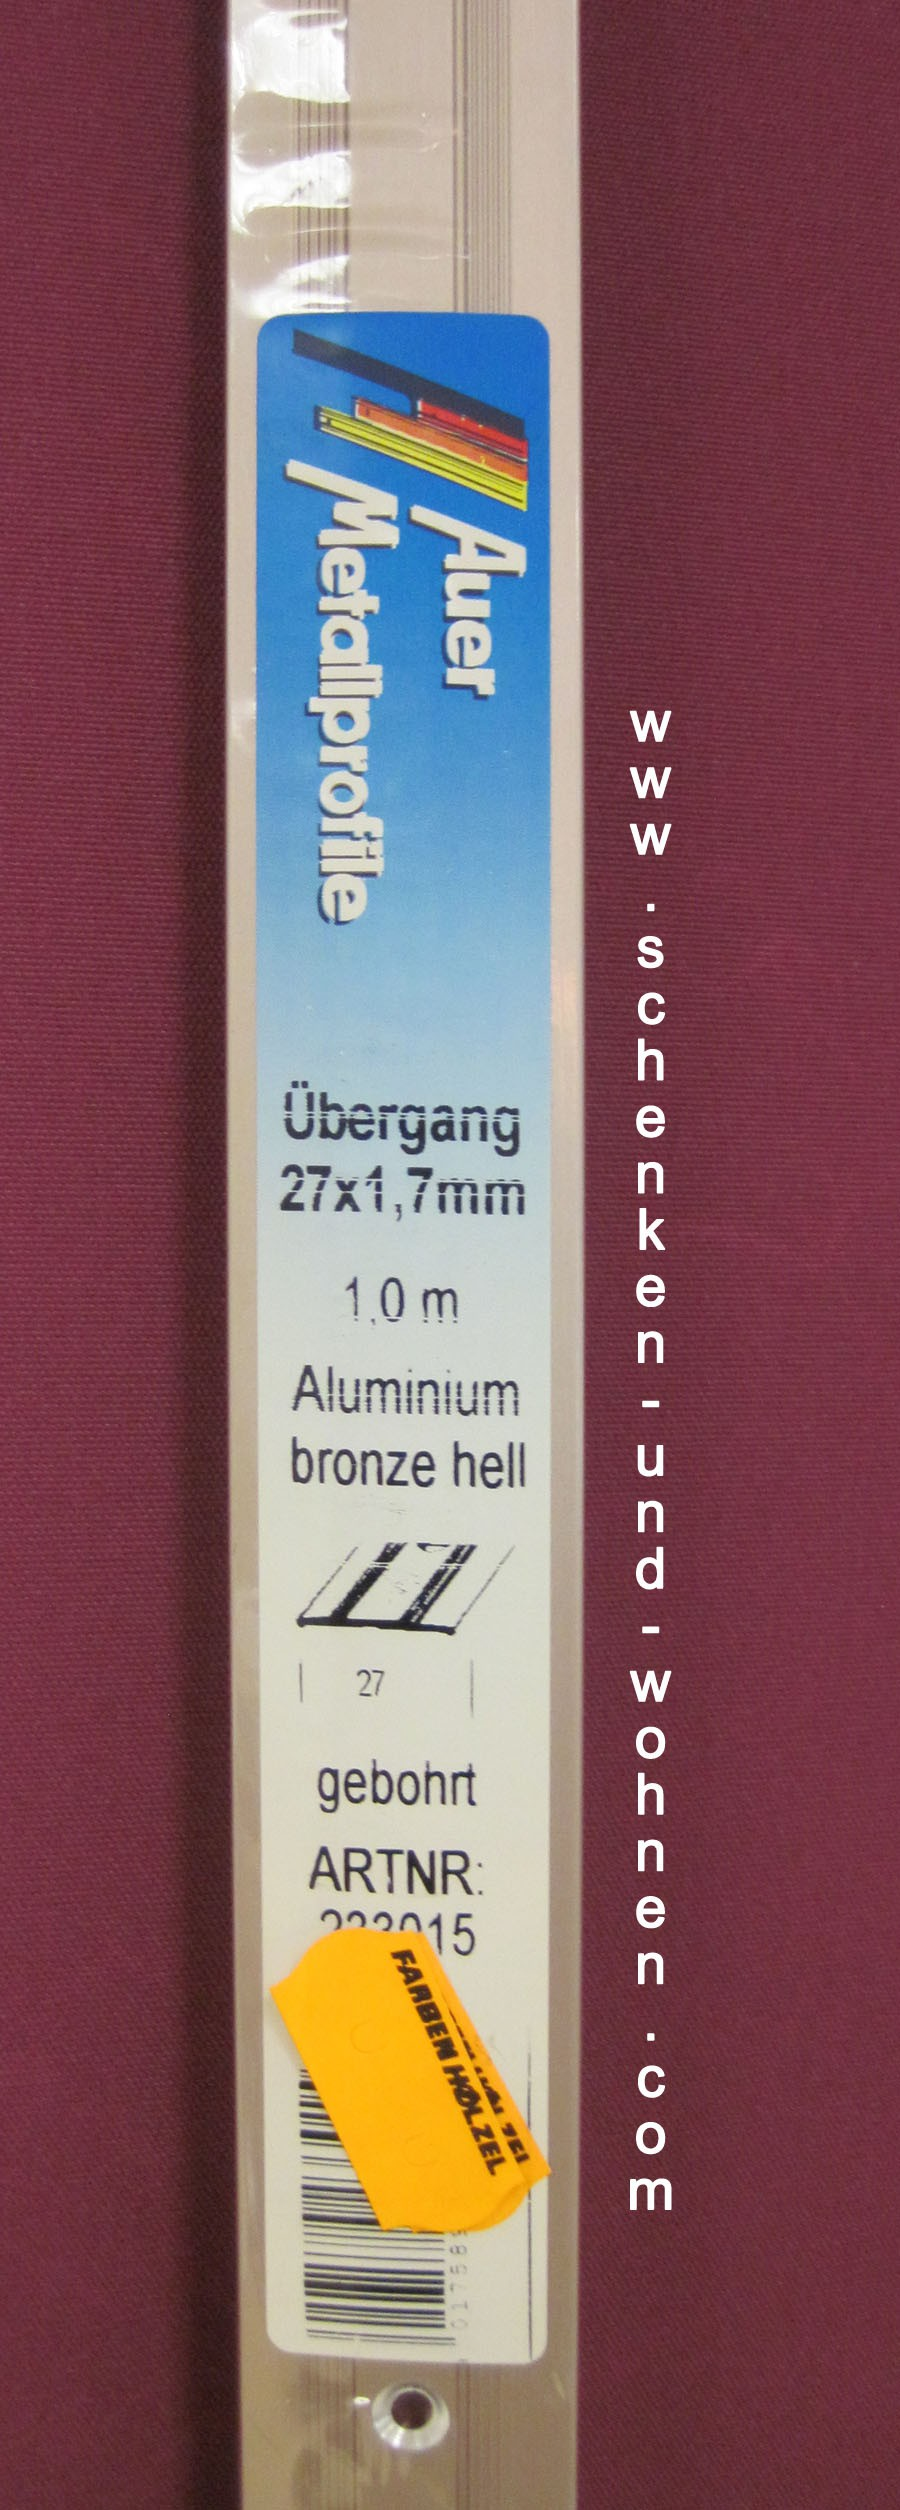 Übergangsprofil 27x1,7 mm 1,0 m bronze hell mittig gebohrt